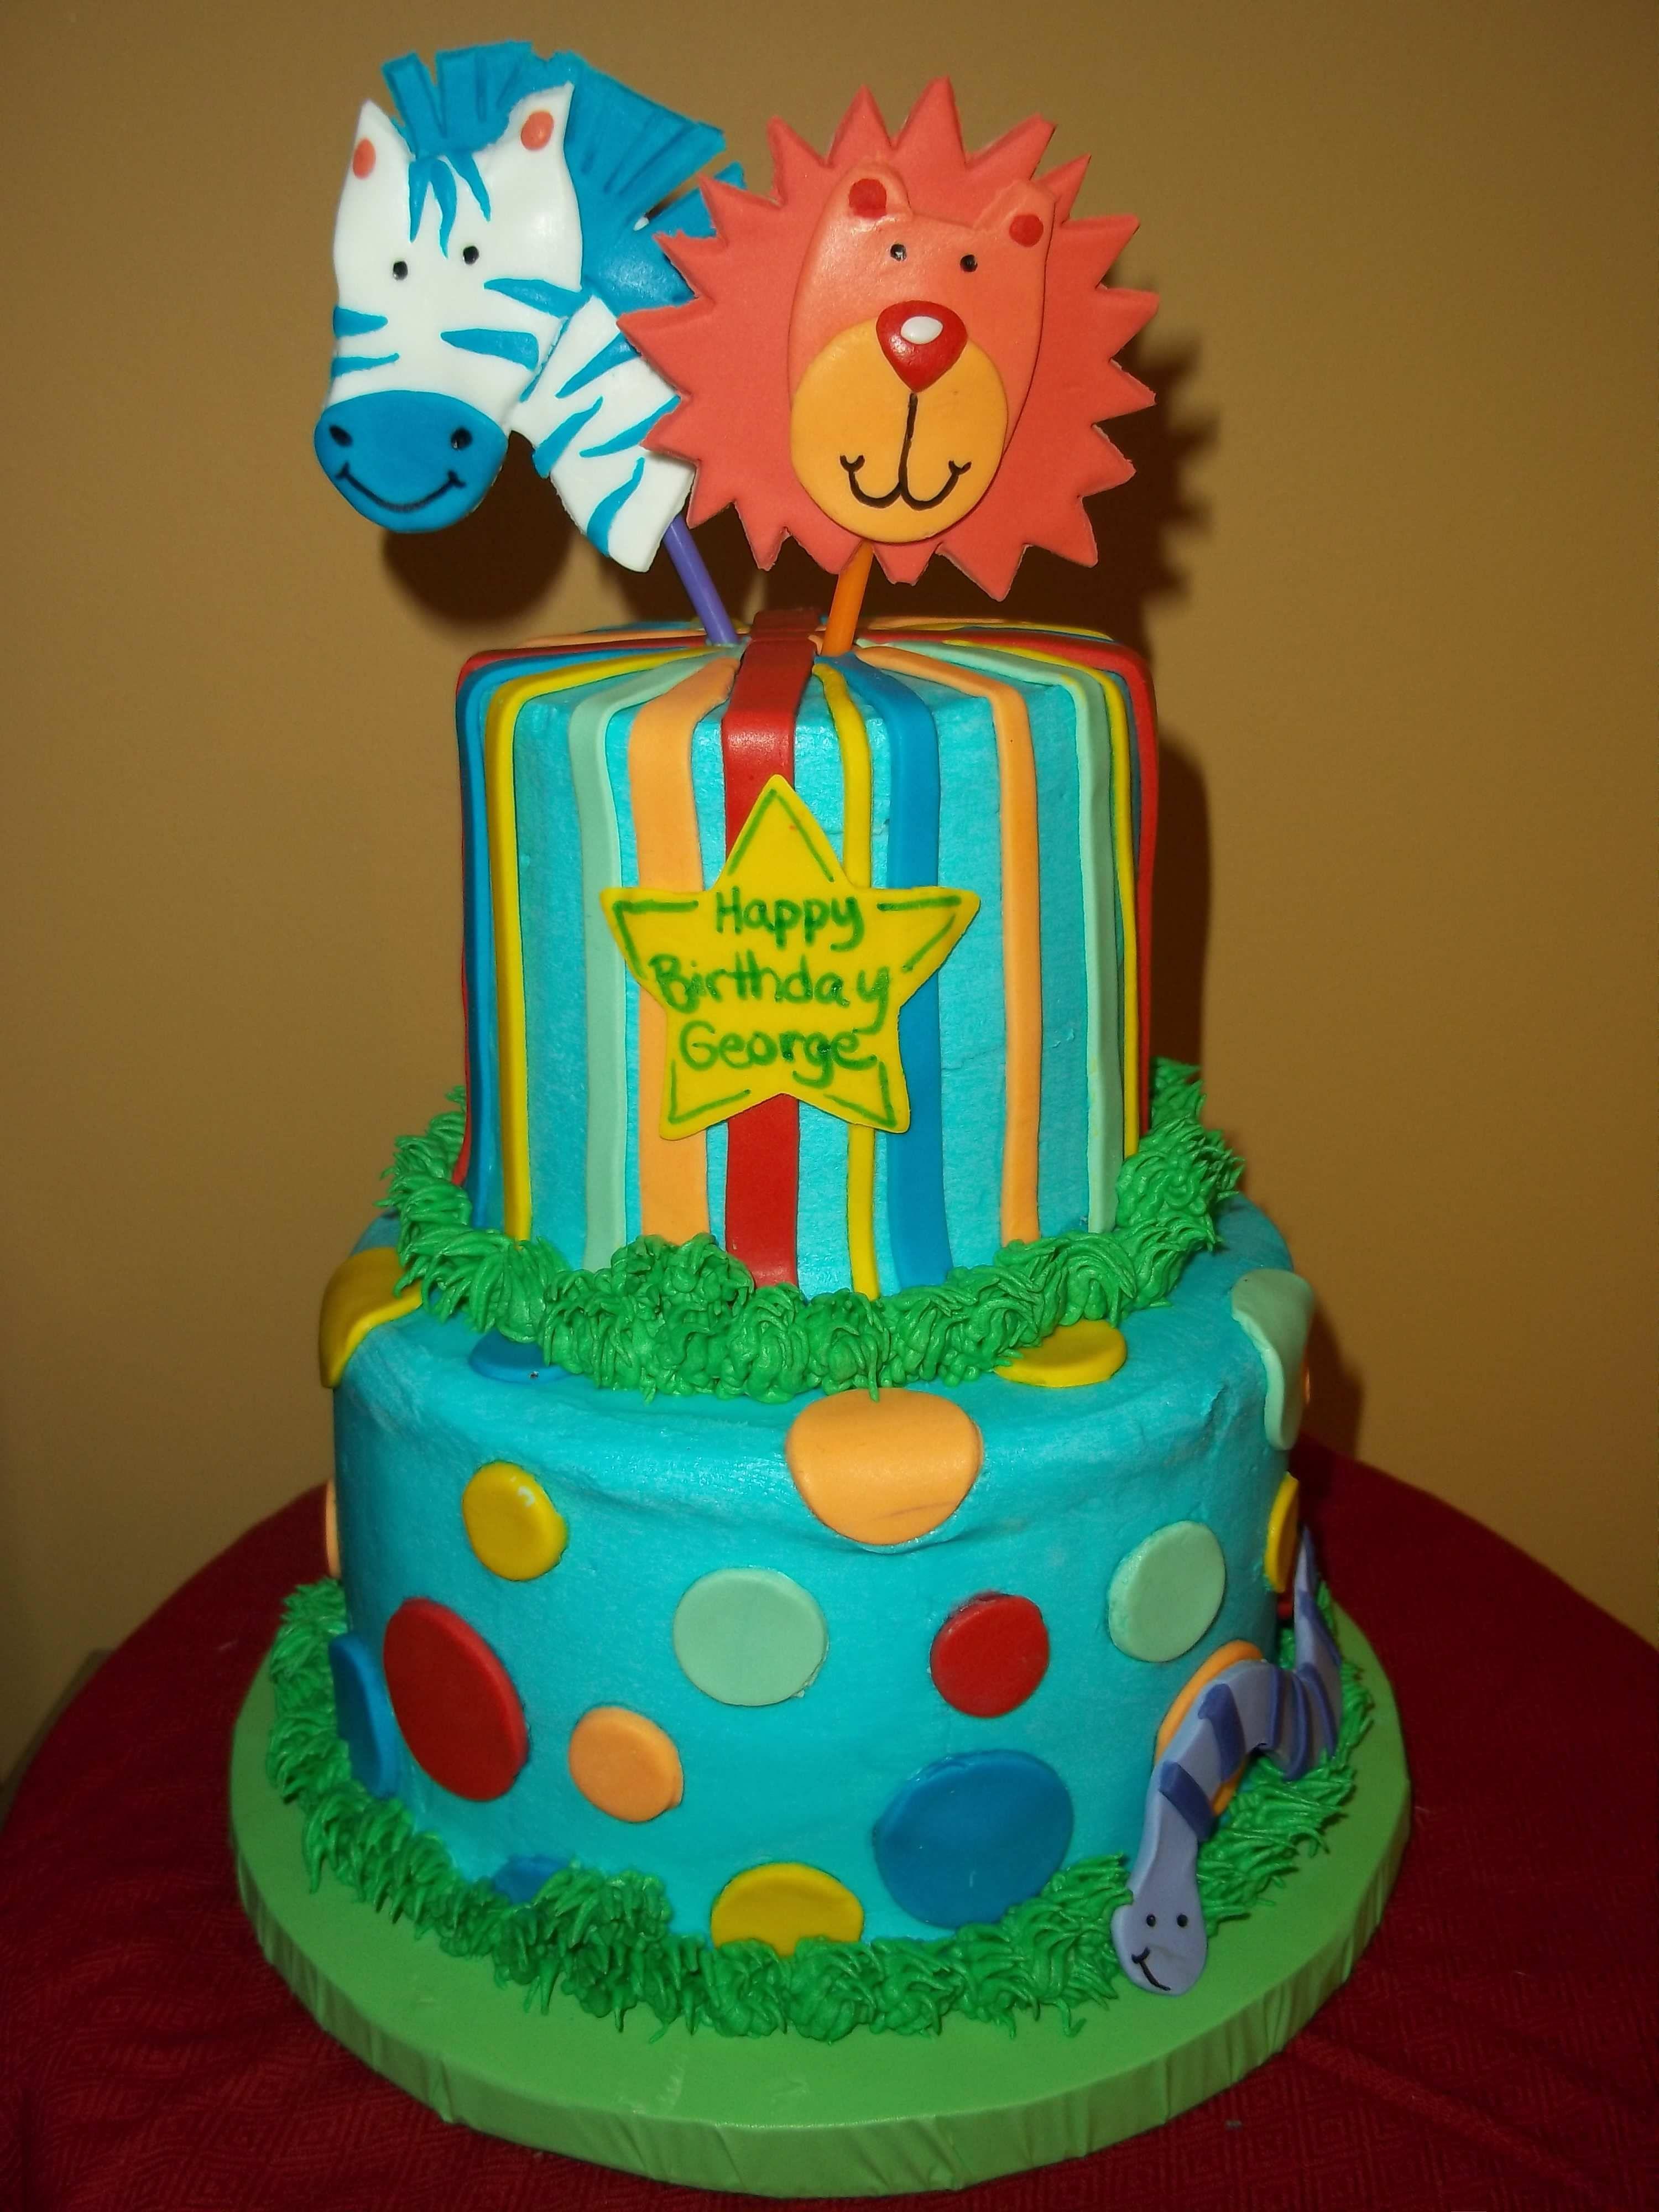 Enjoyable Animal Birthday Cake Birthdaycake With Images Animal Birthday Personalised Birthday Cards Sponlily Jamesorg